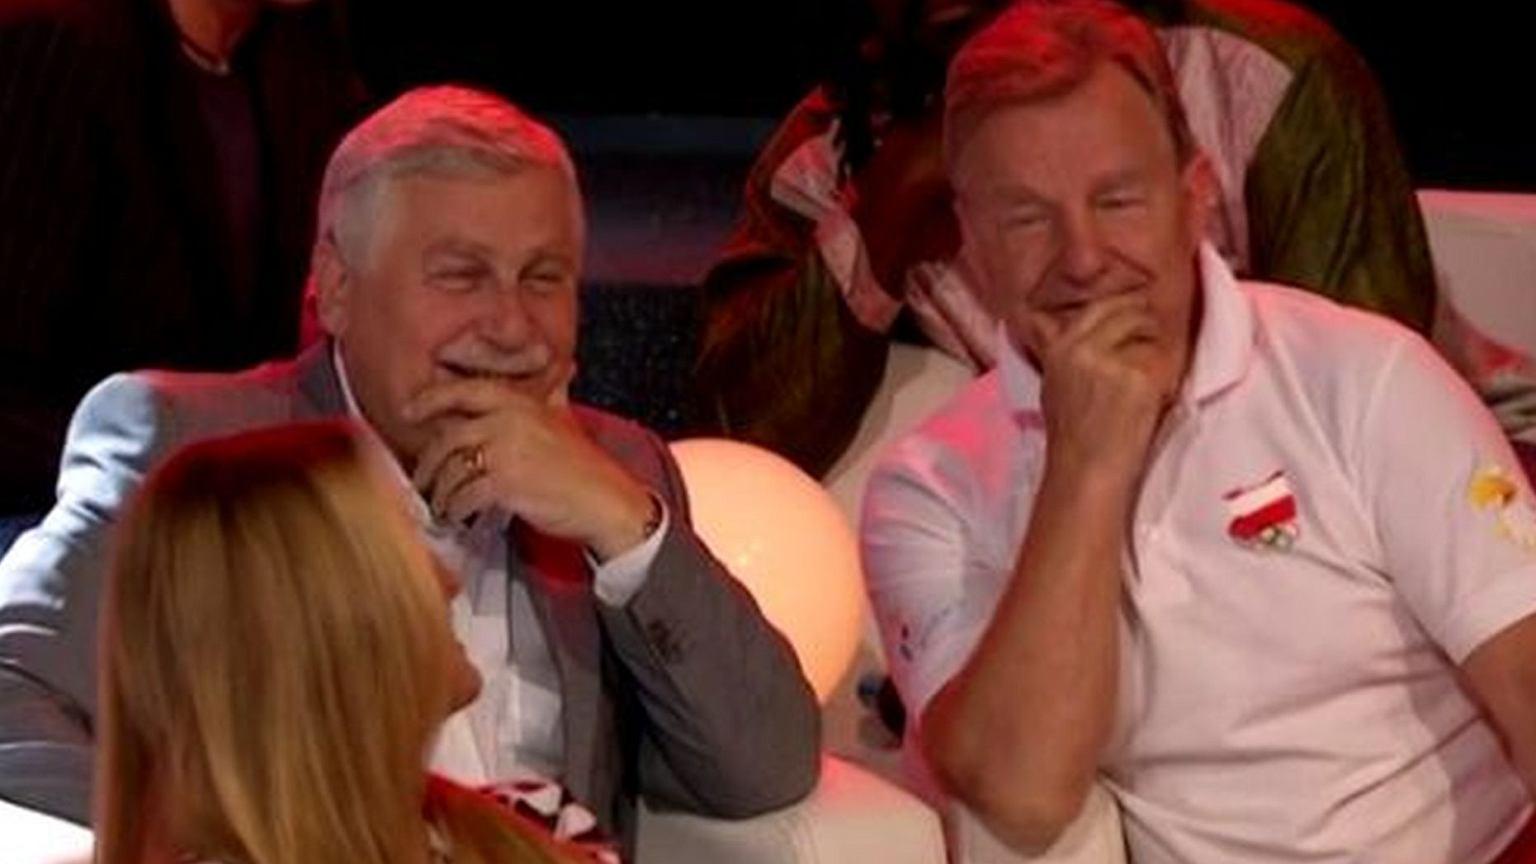 Kontrowersyjna odpowiedź Andrzeja Suprona w dyskusji o celibacie piłkarzy przed meczem. Była bardzo niesmaczna